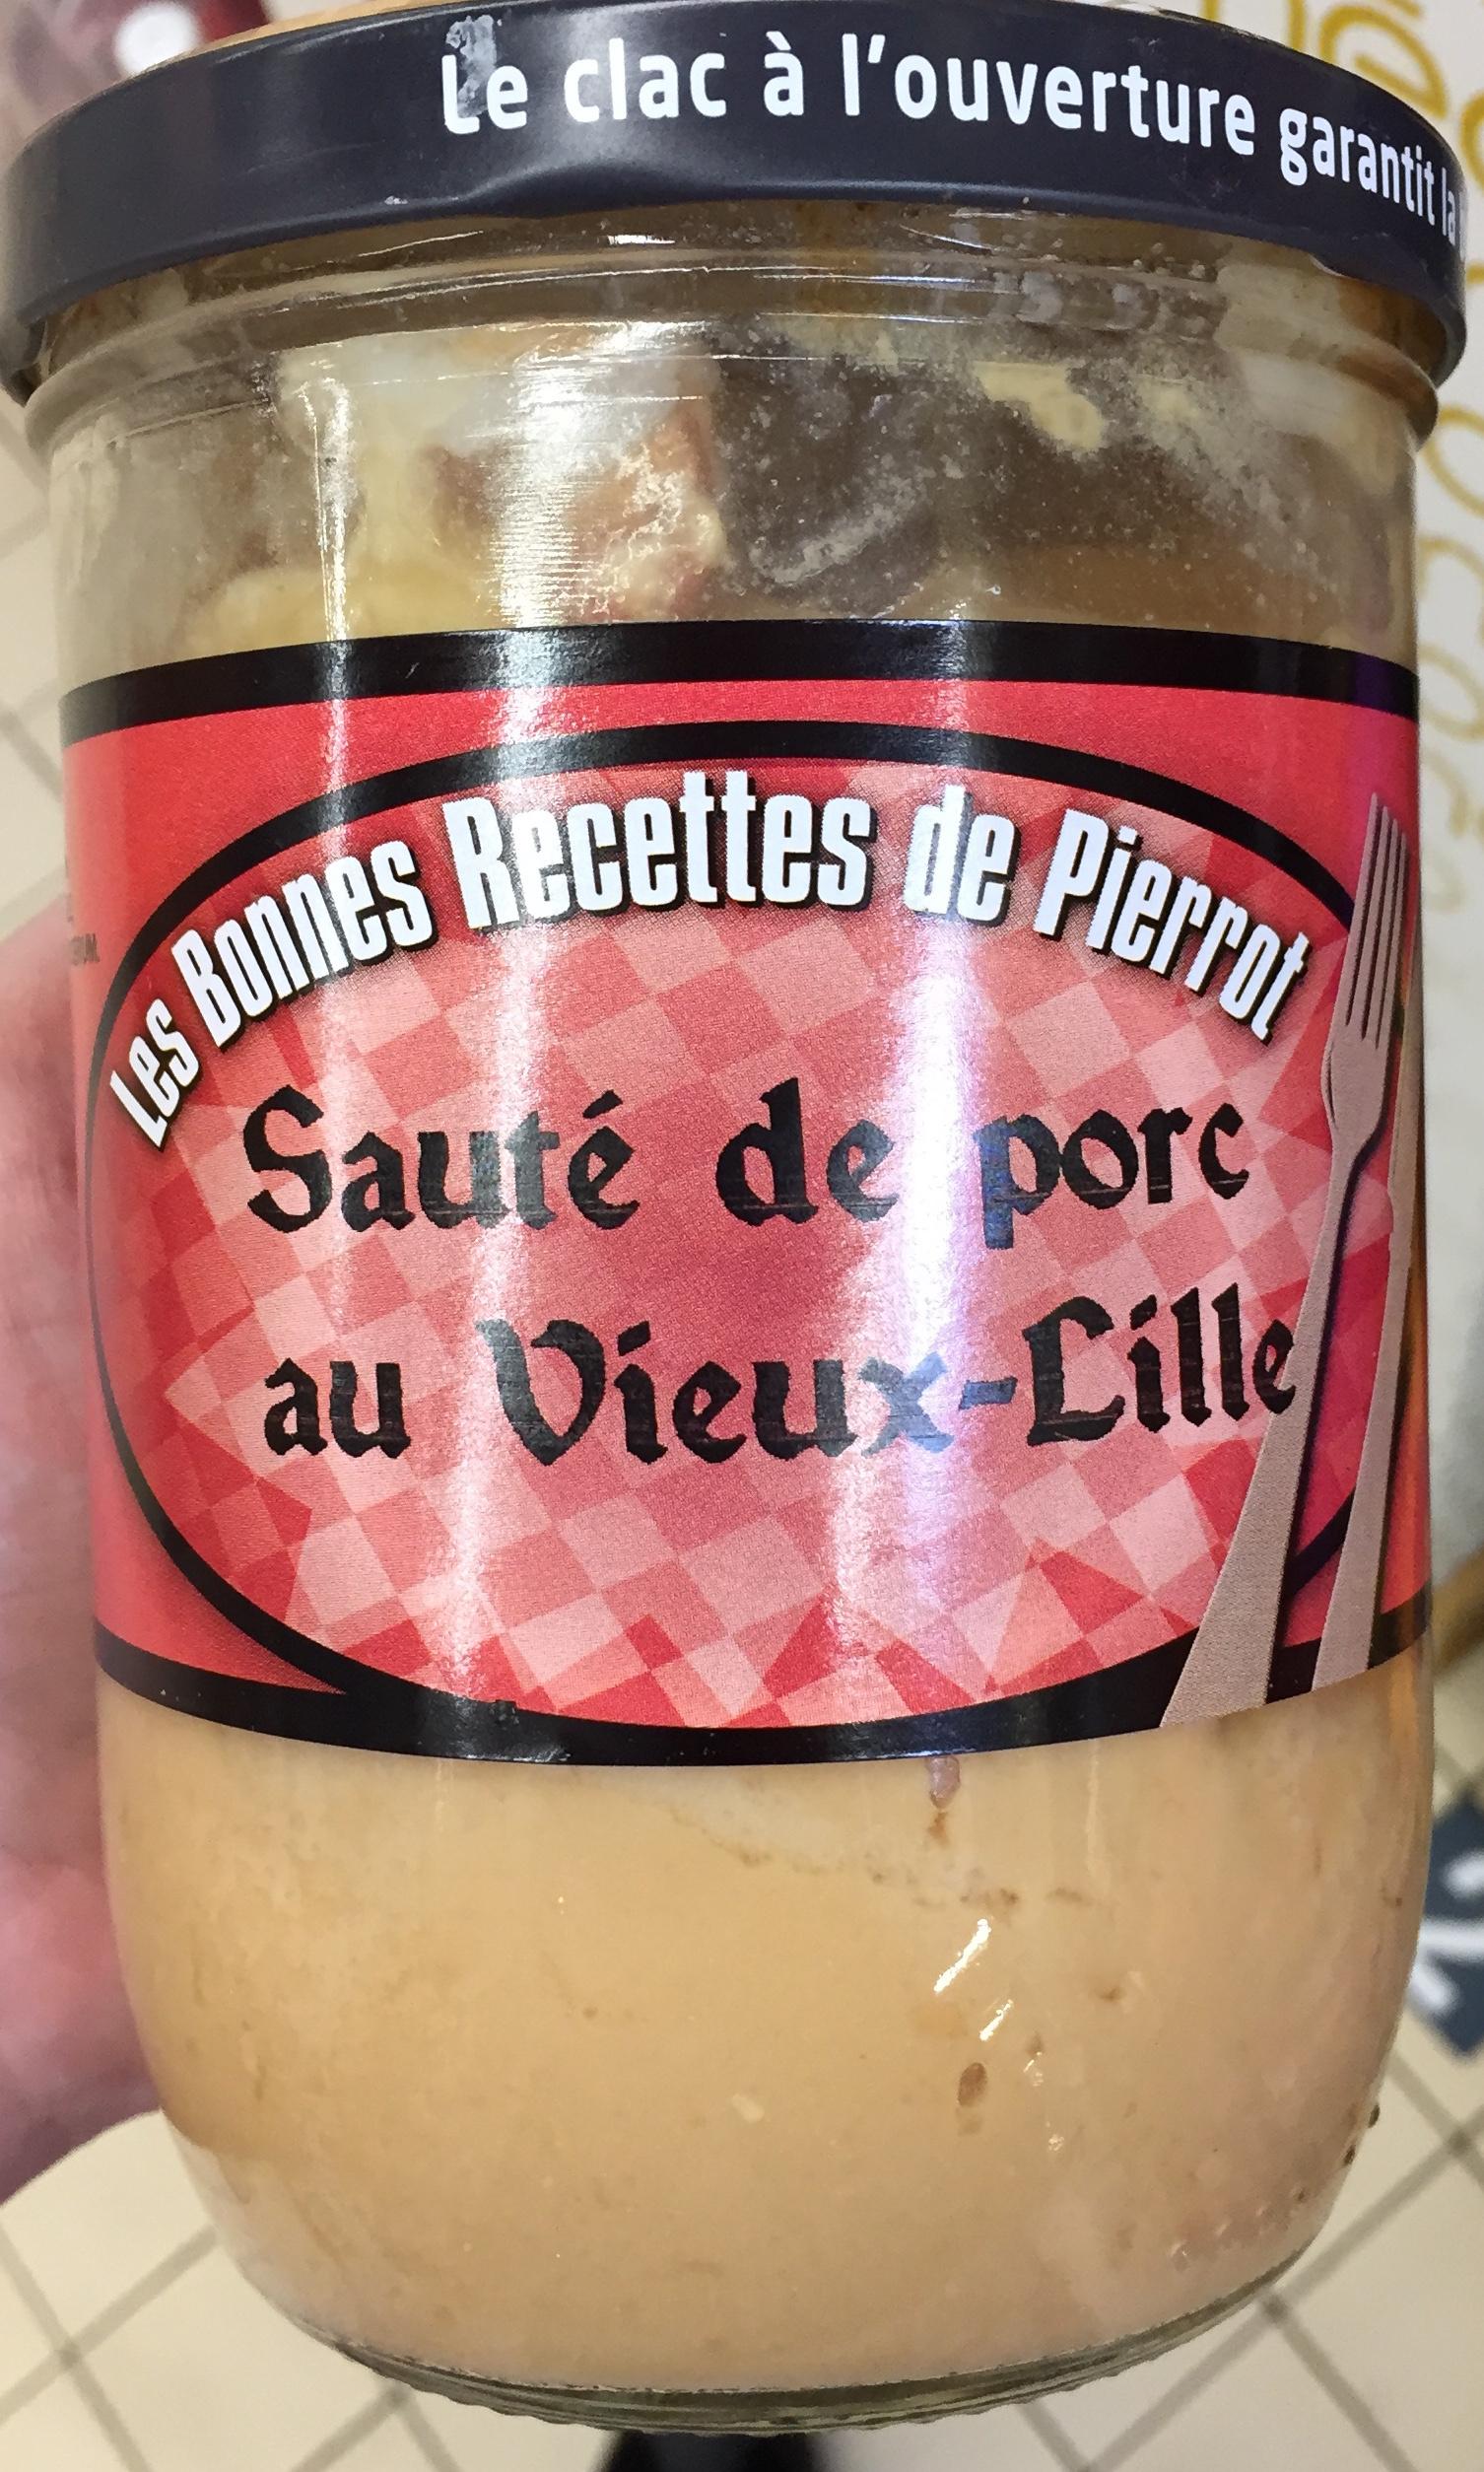 Sauté de porc du Vieux-Lille - Produit - fr